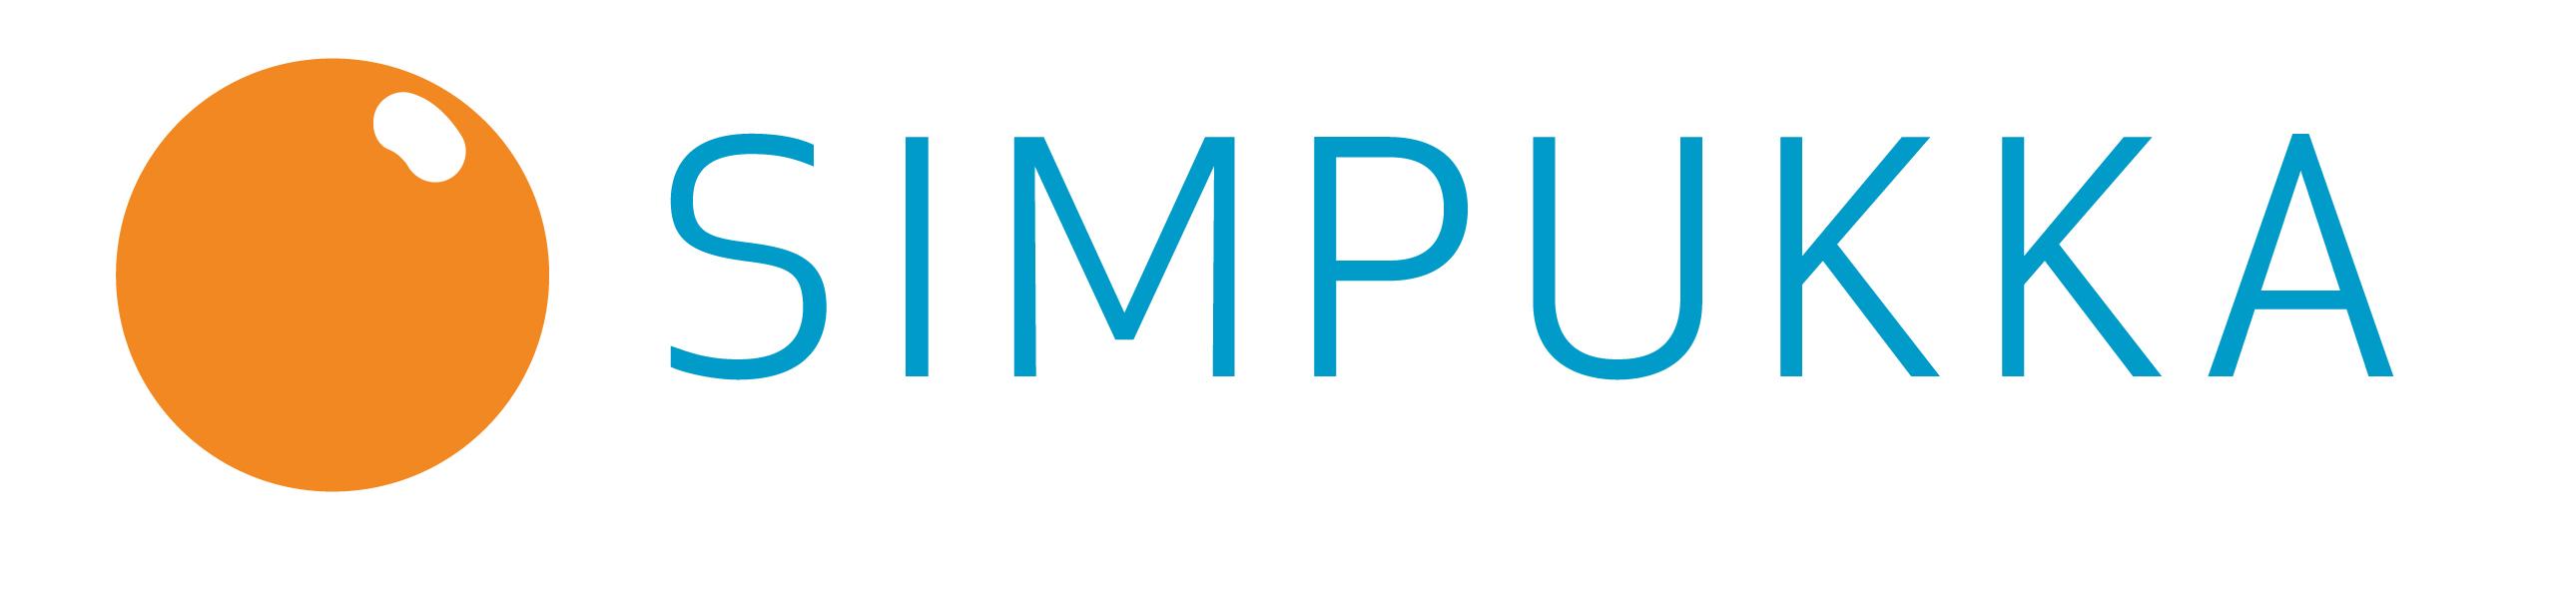 Simpukka logo, missä oranssi helmi ja teksti Simpukka